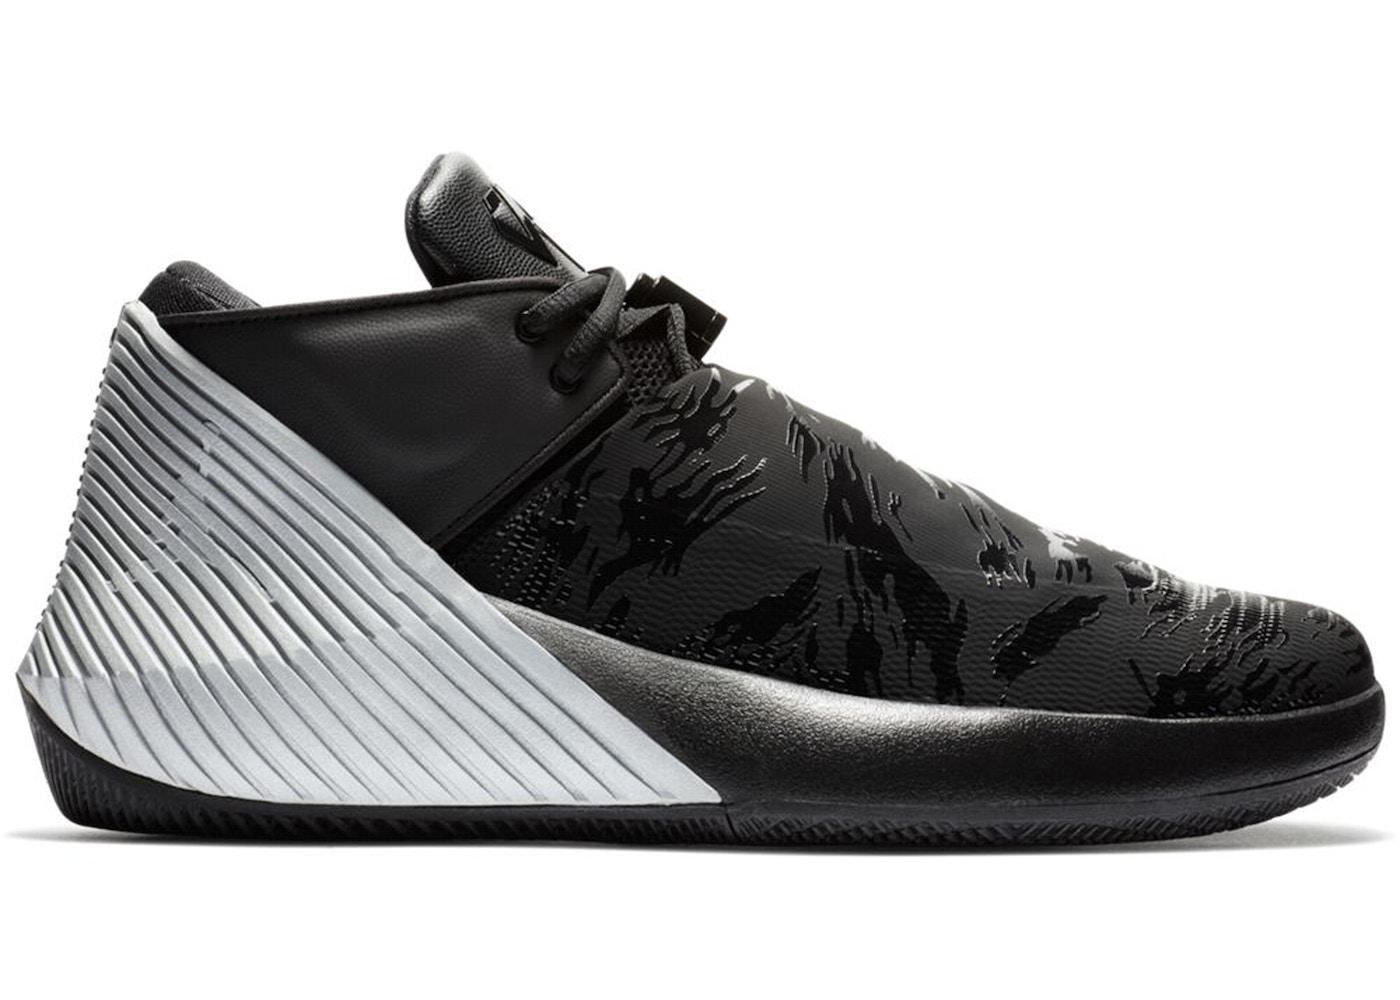 23e1dc6b11d Air Jordan Other Shoes - New Highest Bids